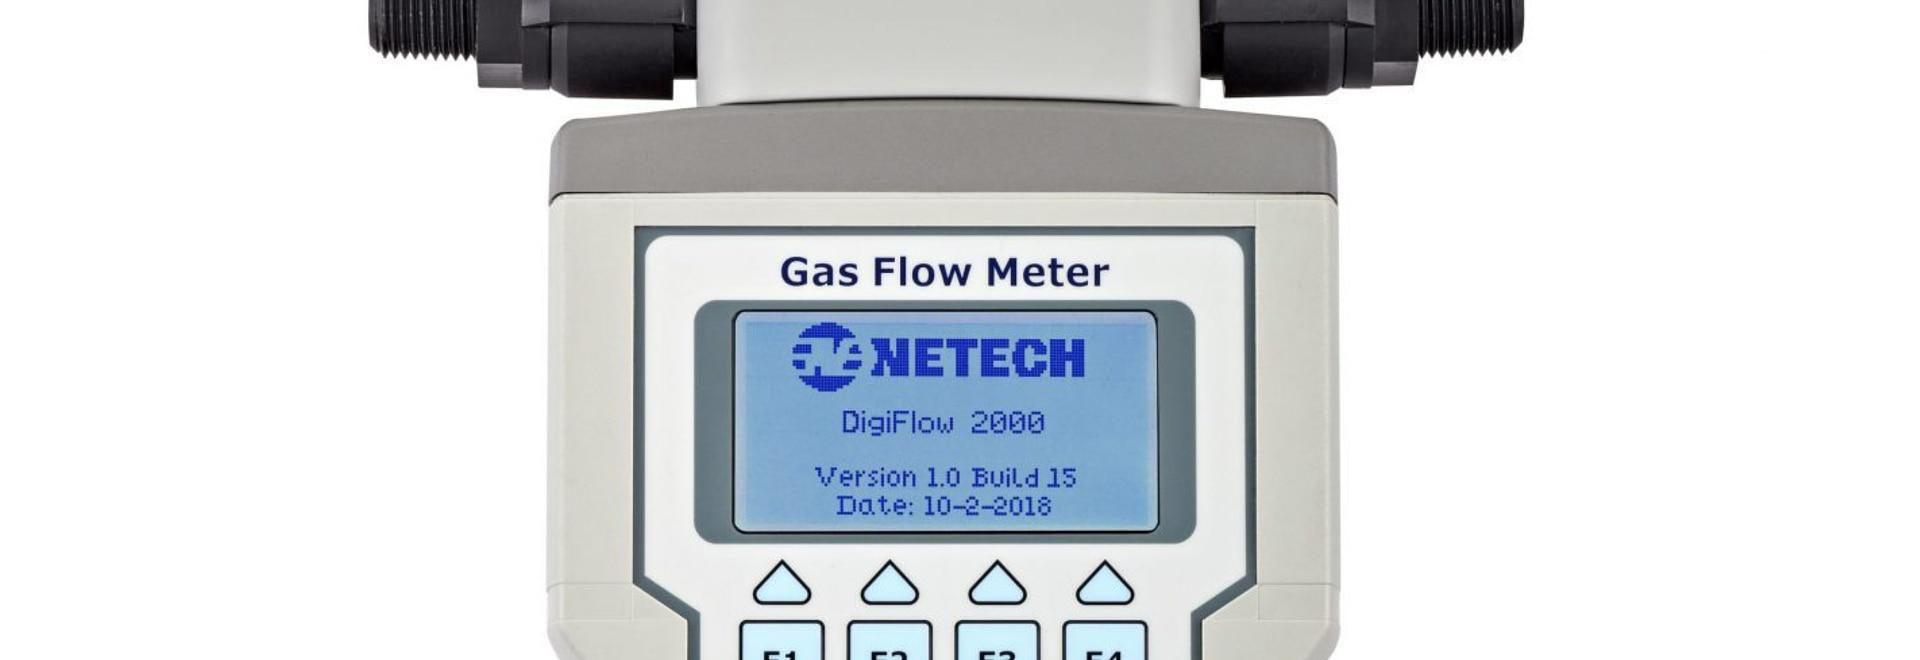 Netech Corp. Introduction de nouveaux débitmètres de gaz